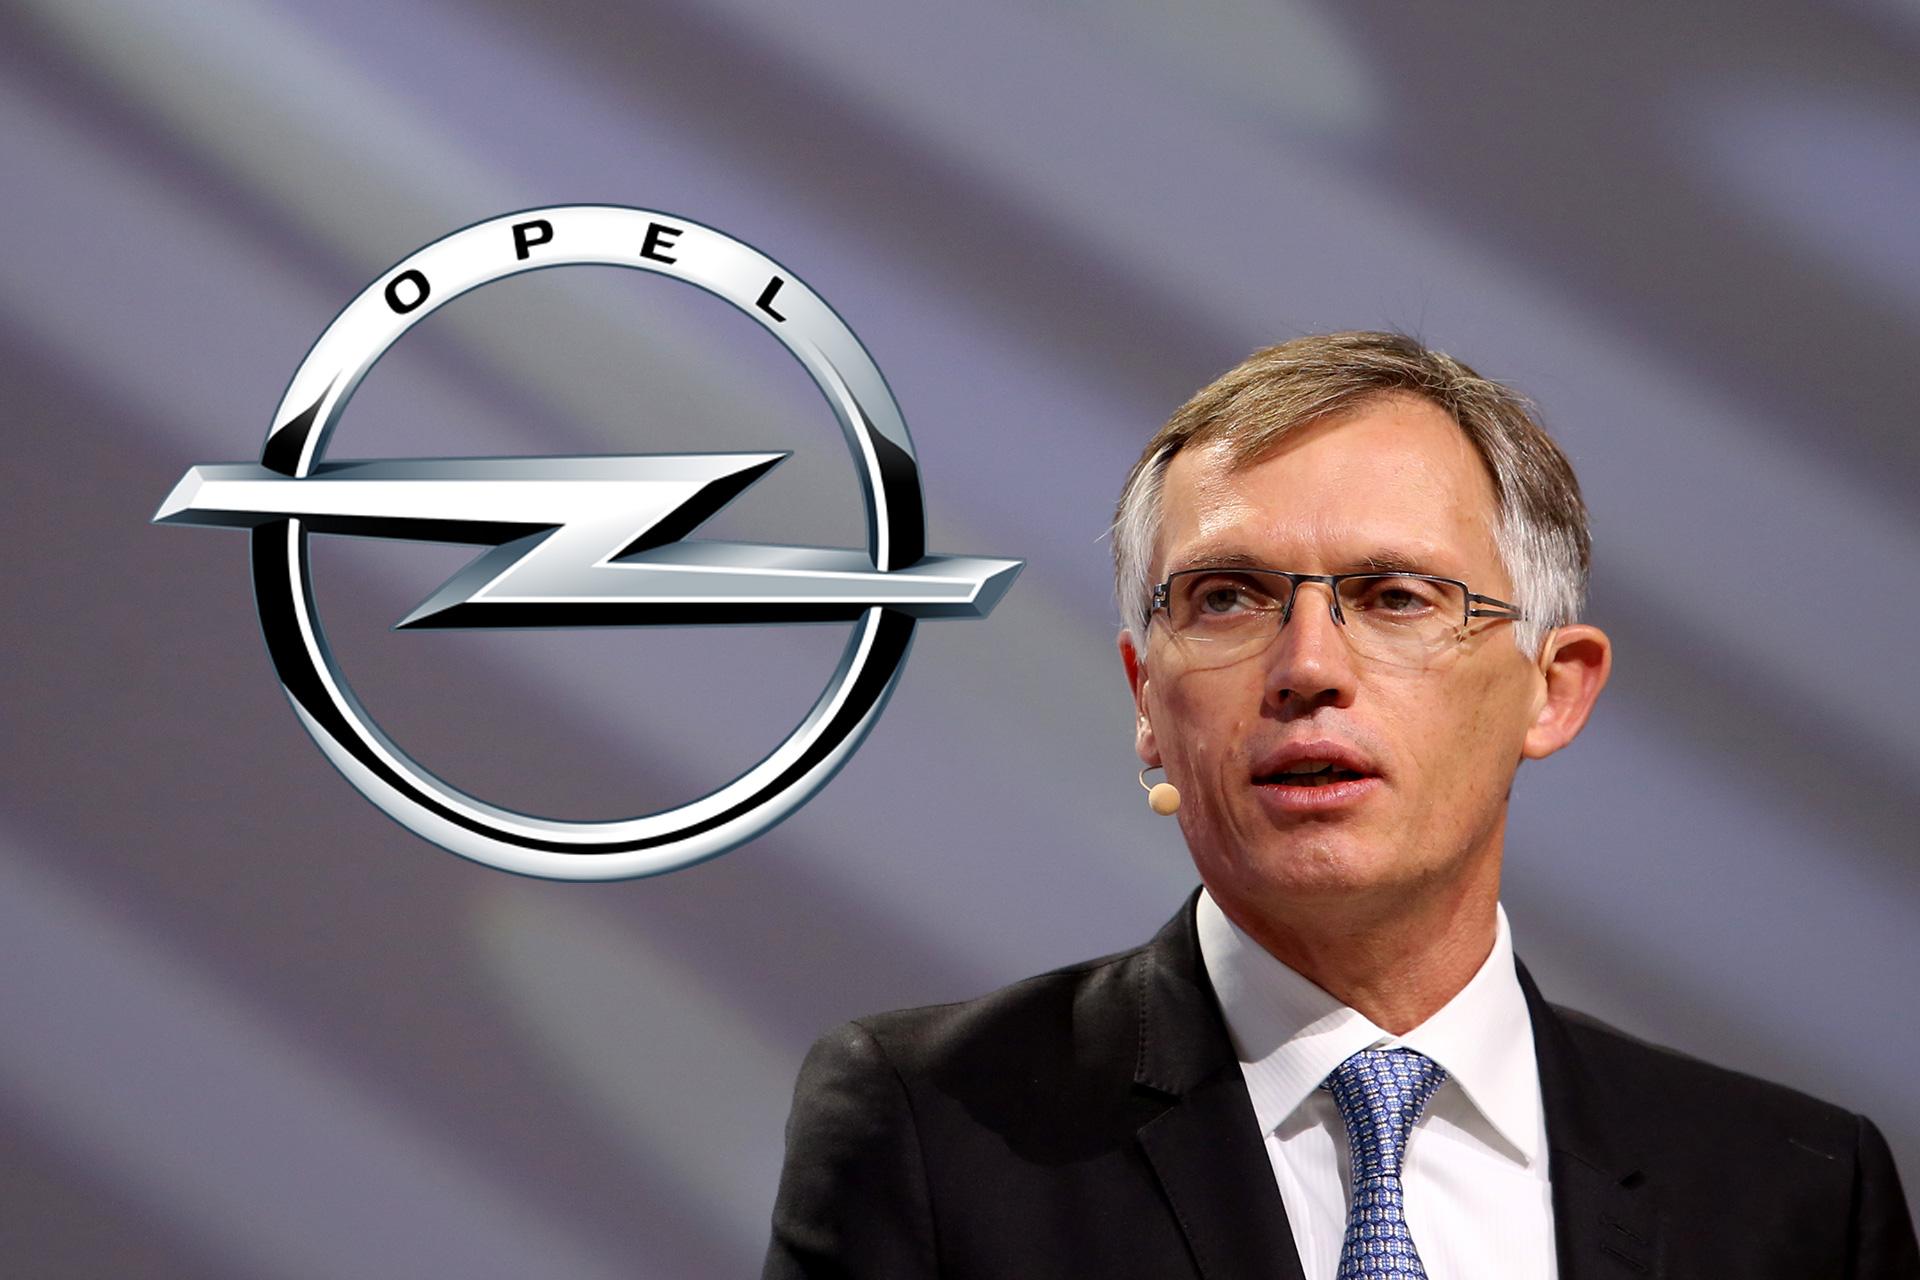 """Opel slavi """"istorijski"""" profit nakon decenija gubitaka pod GM-om"""